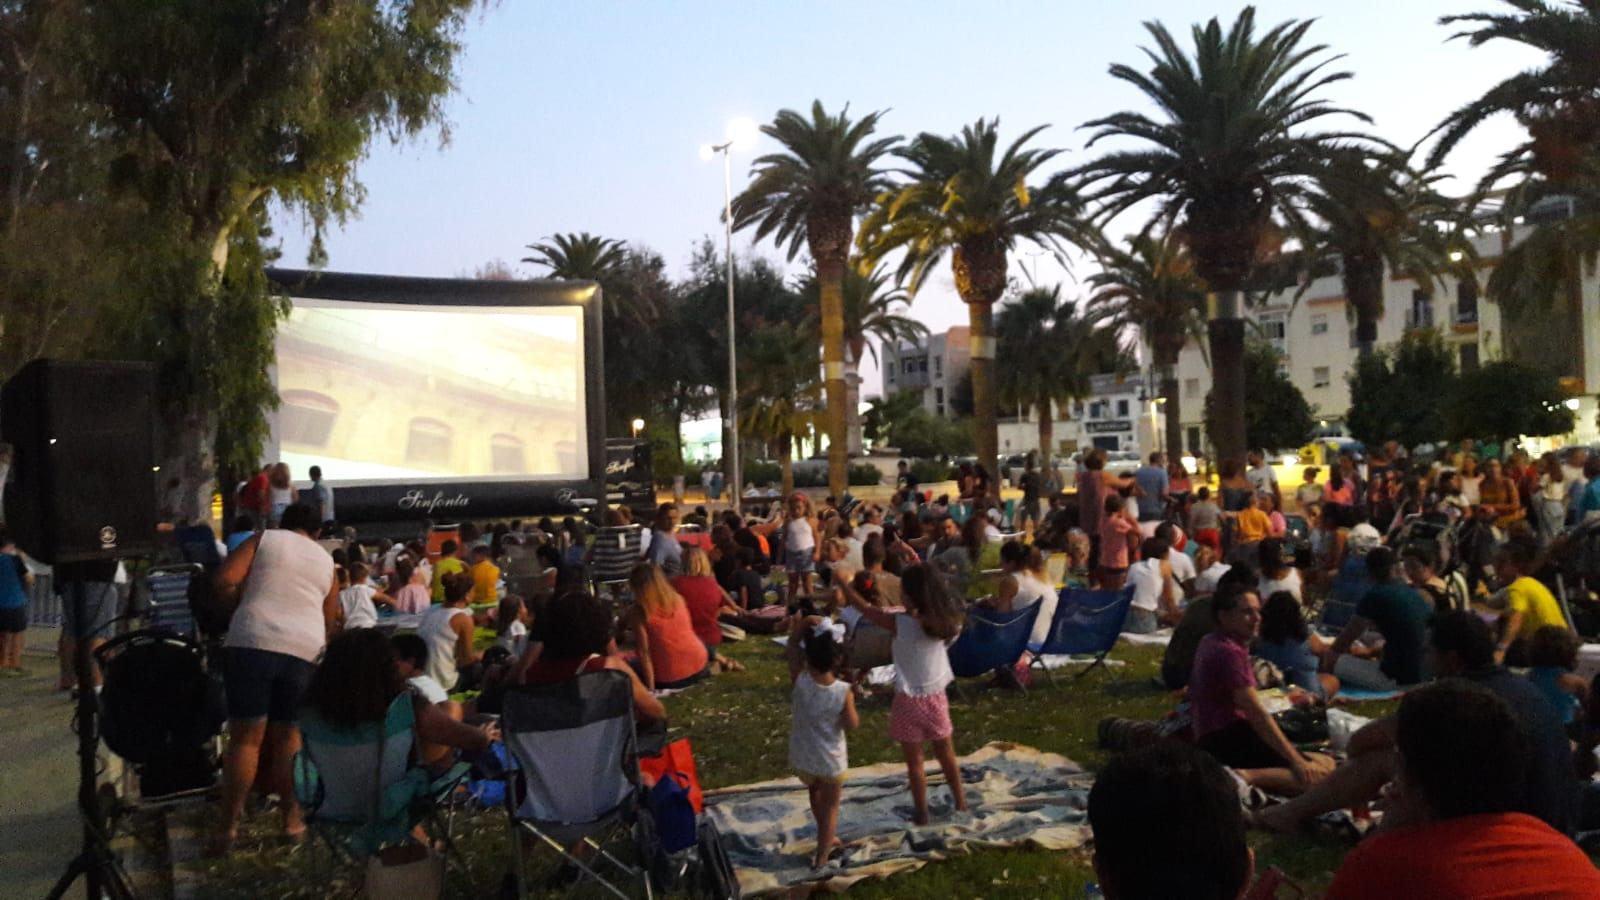 El cine de verano infantil de Écija reunió a 2.300 personas